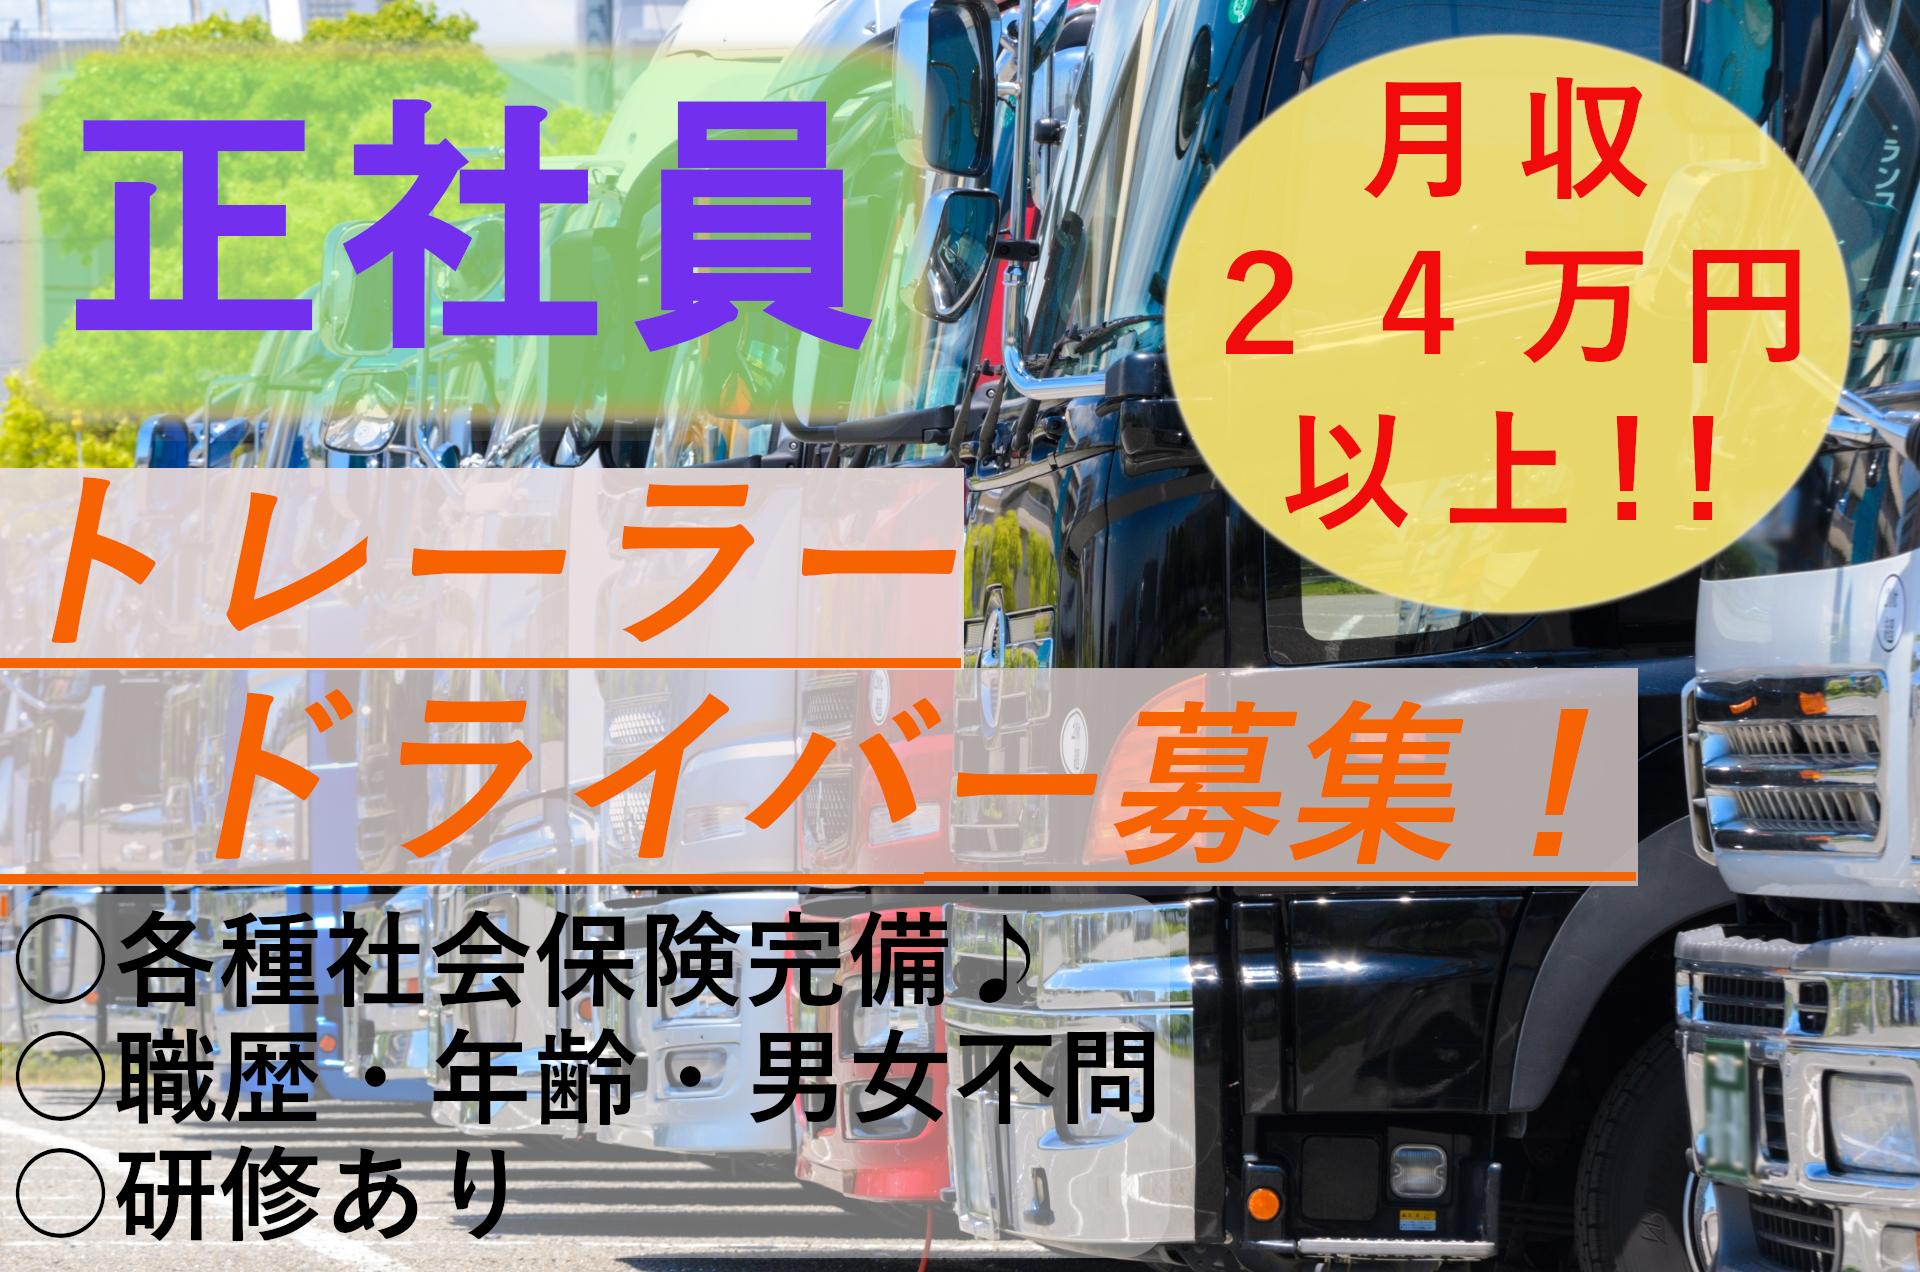 【正社員】安心の社会保険完備◎月収24万円以上稼げるトレーラードライバー イメージ